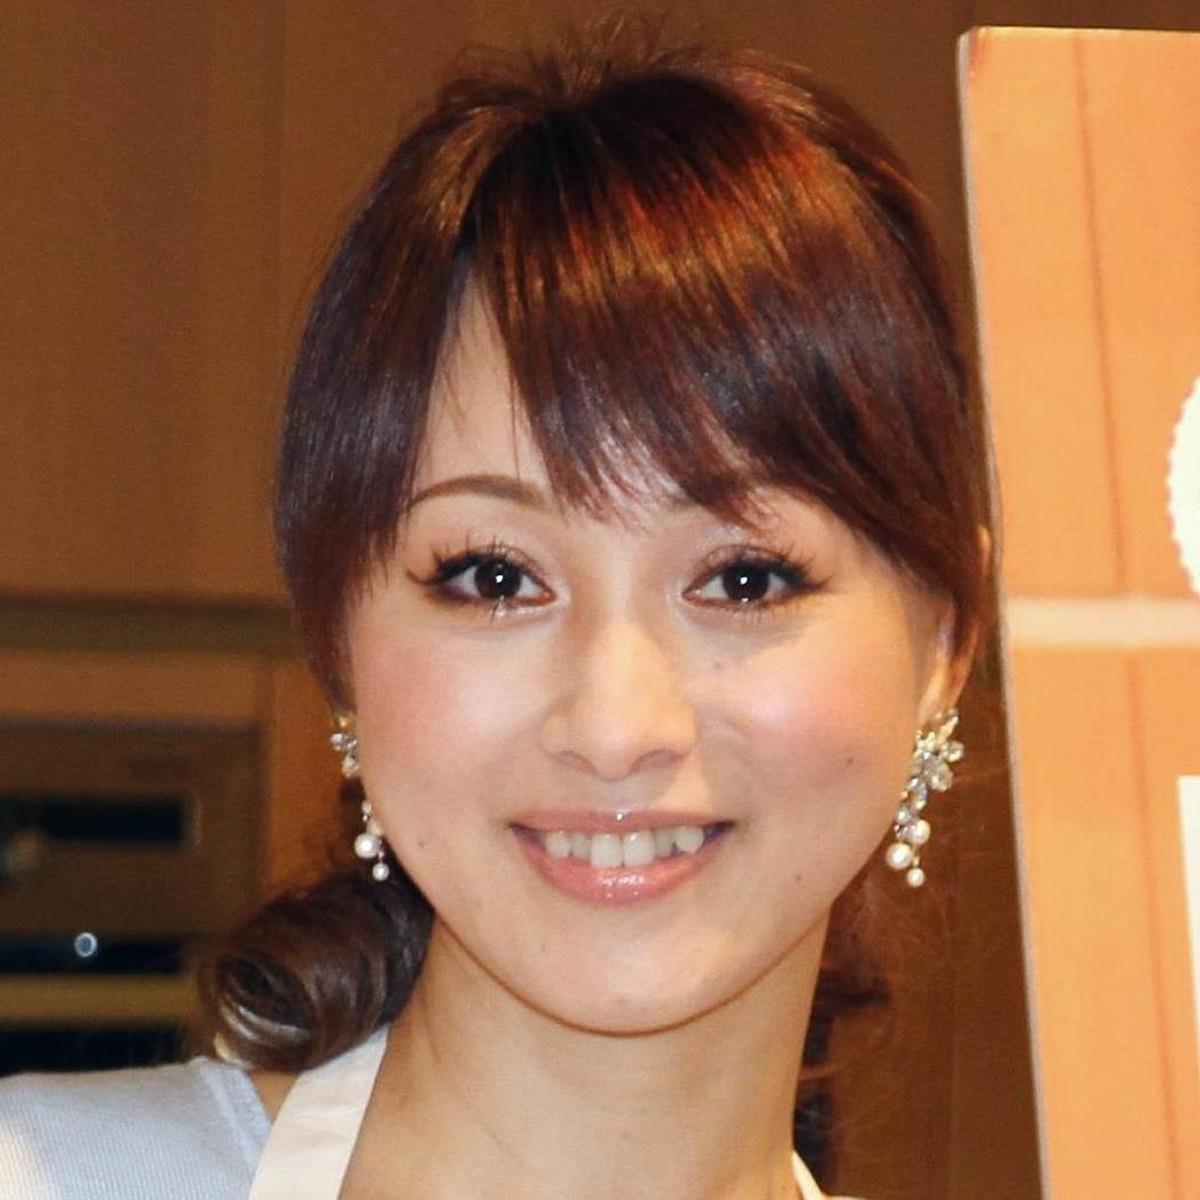 渡辺美奈代、ヴィトン&コンバースの私服コーデを披露「カッコ可愛い」「若いね」(スポーツ報知) - Yahoo!ニュース